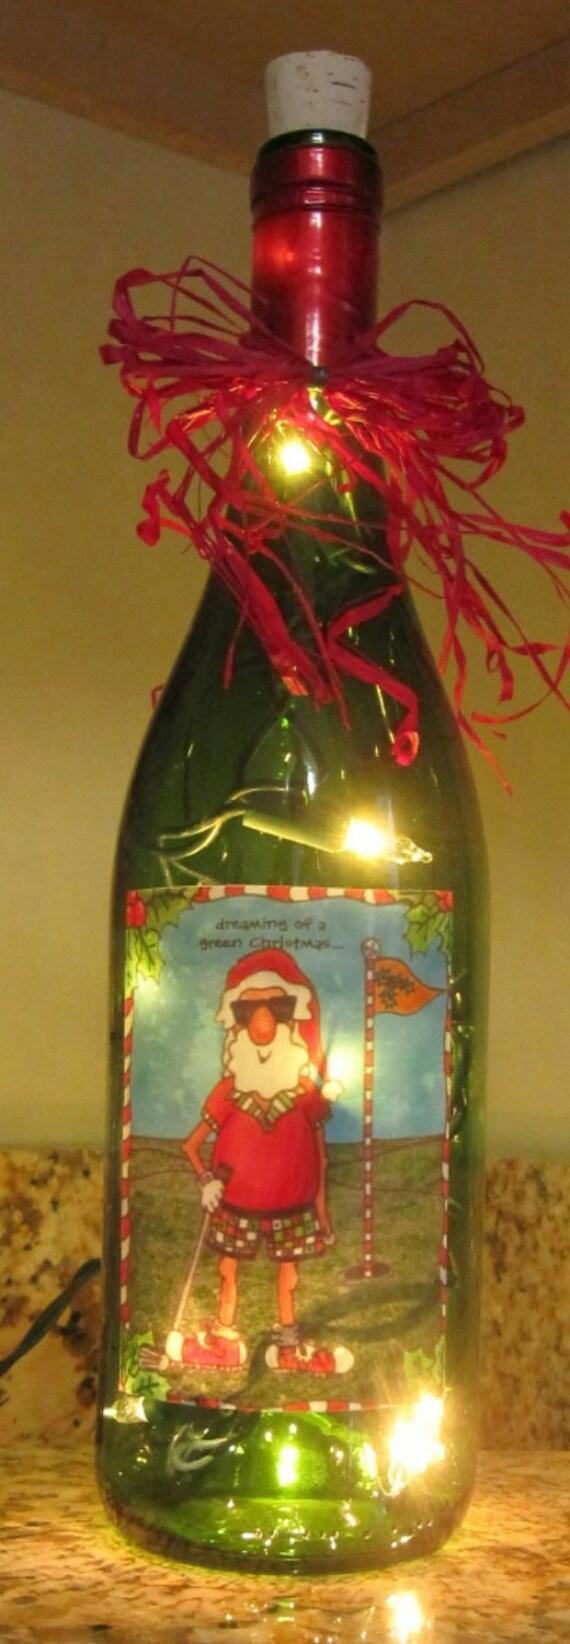 Lighted Bottle Santa Golfer